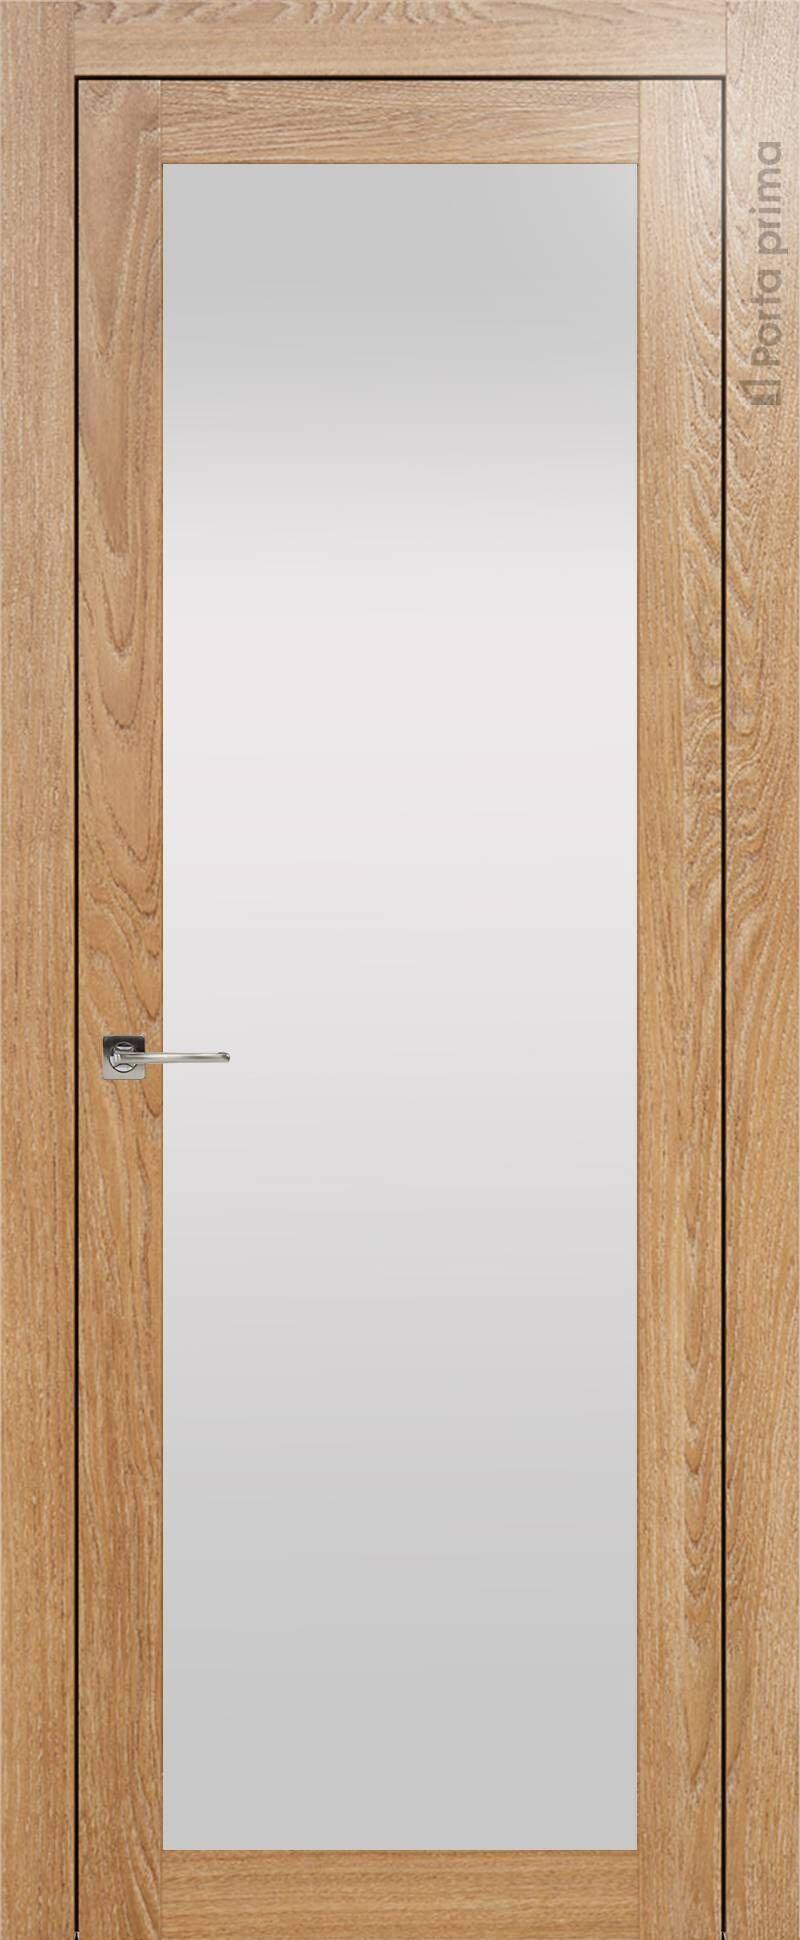 Tivoli З-1 цвет - Дуб капучино Со стеклом (ДО)